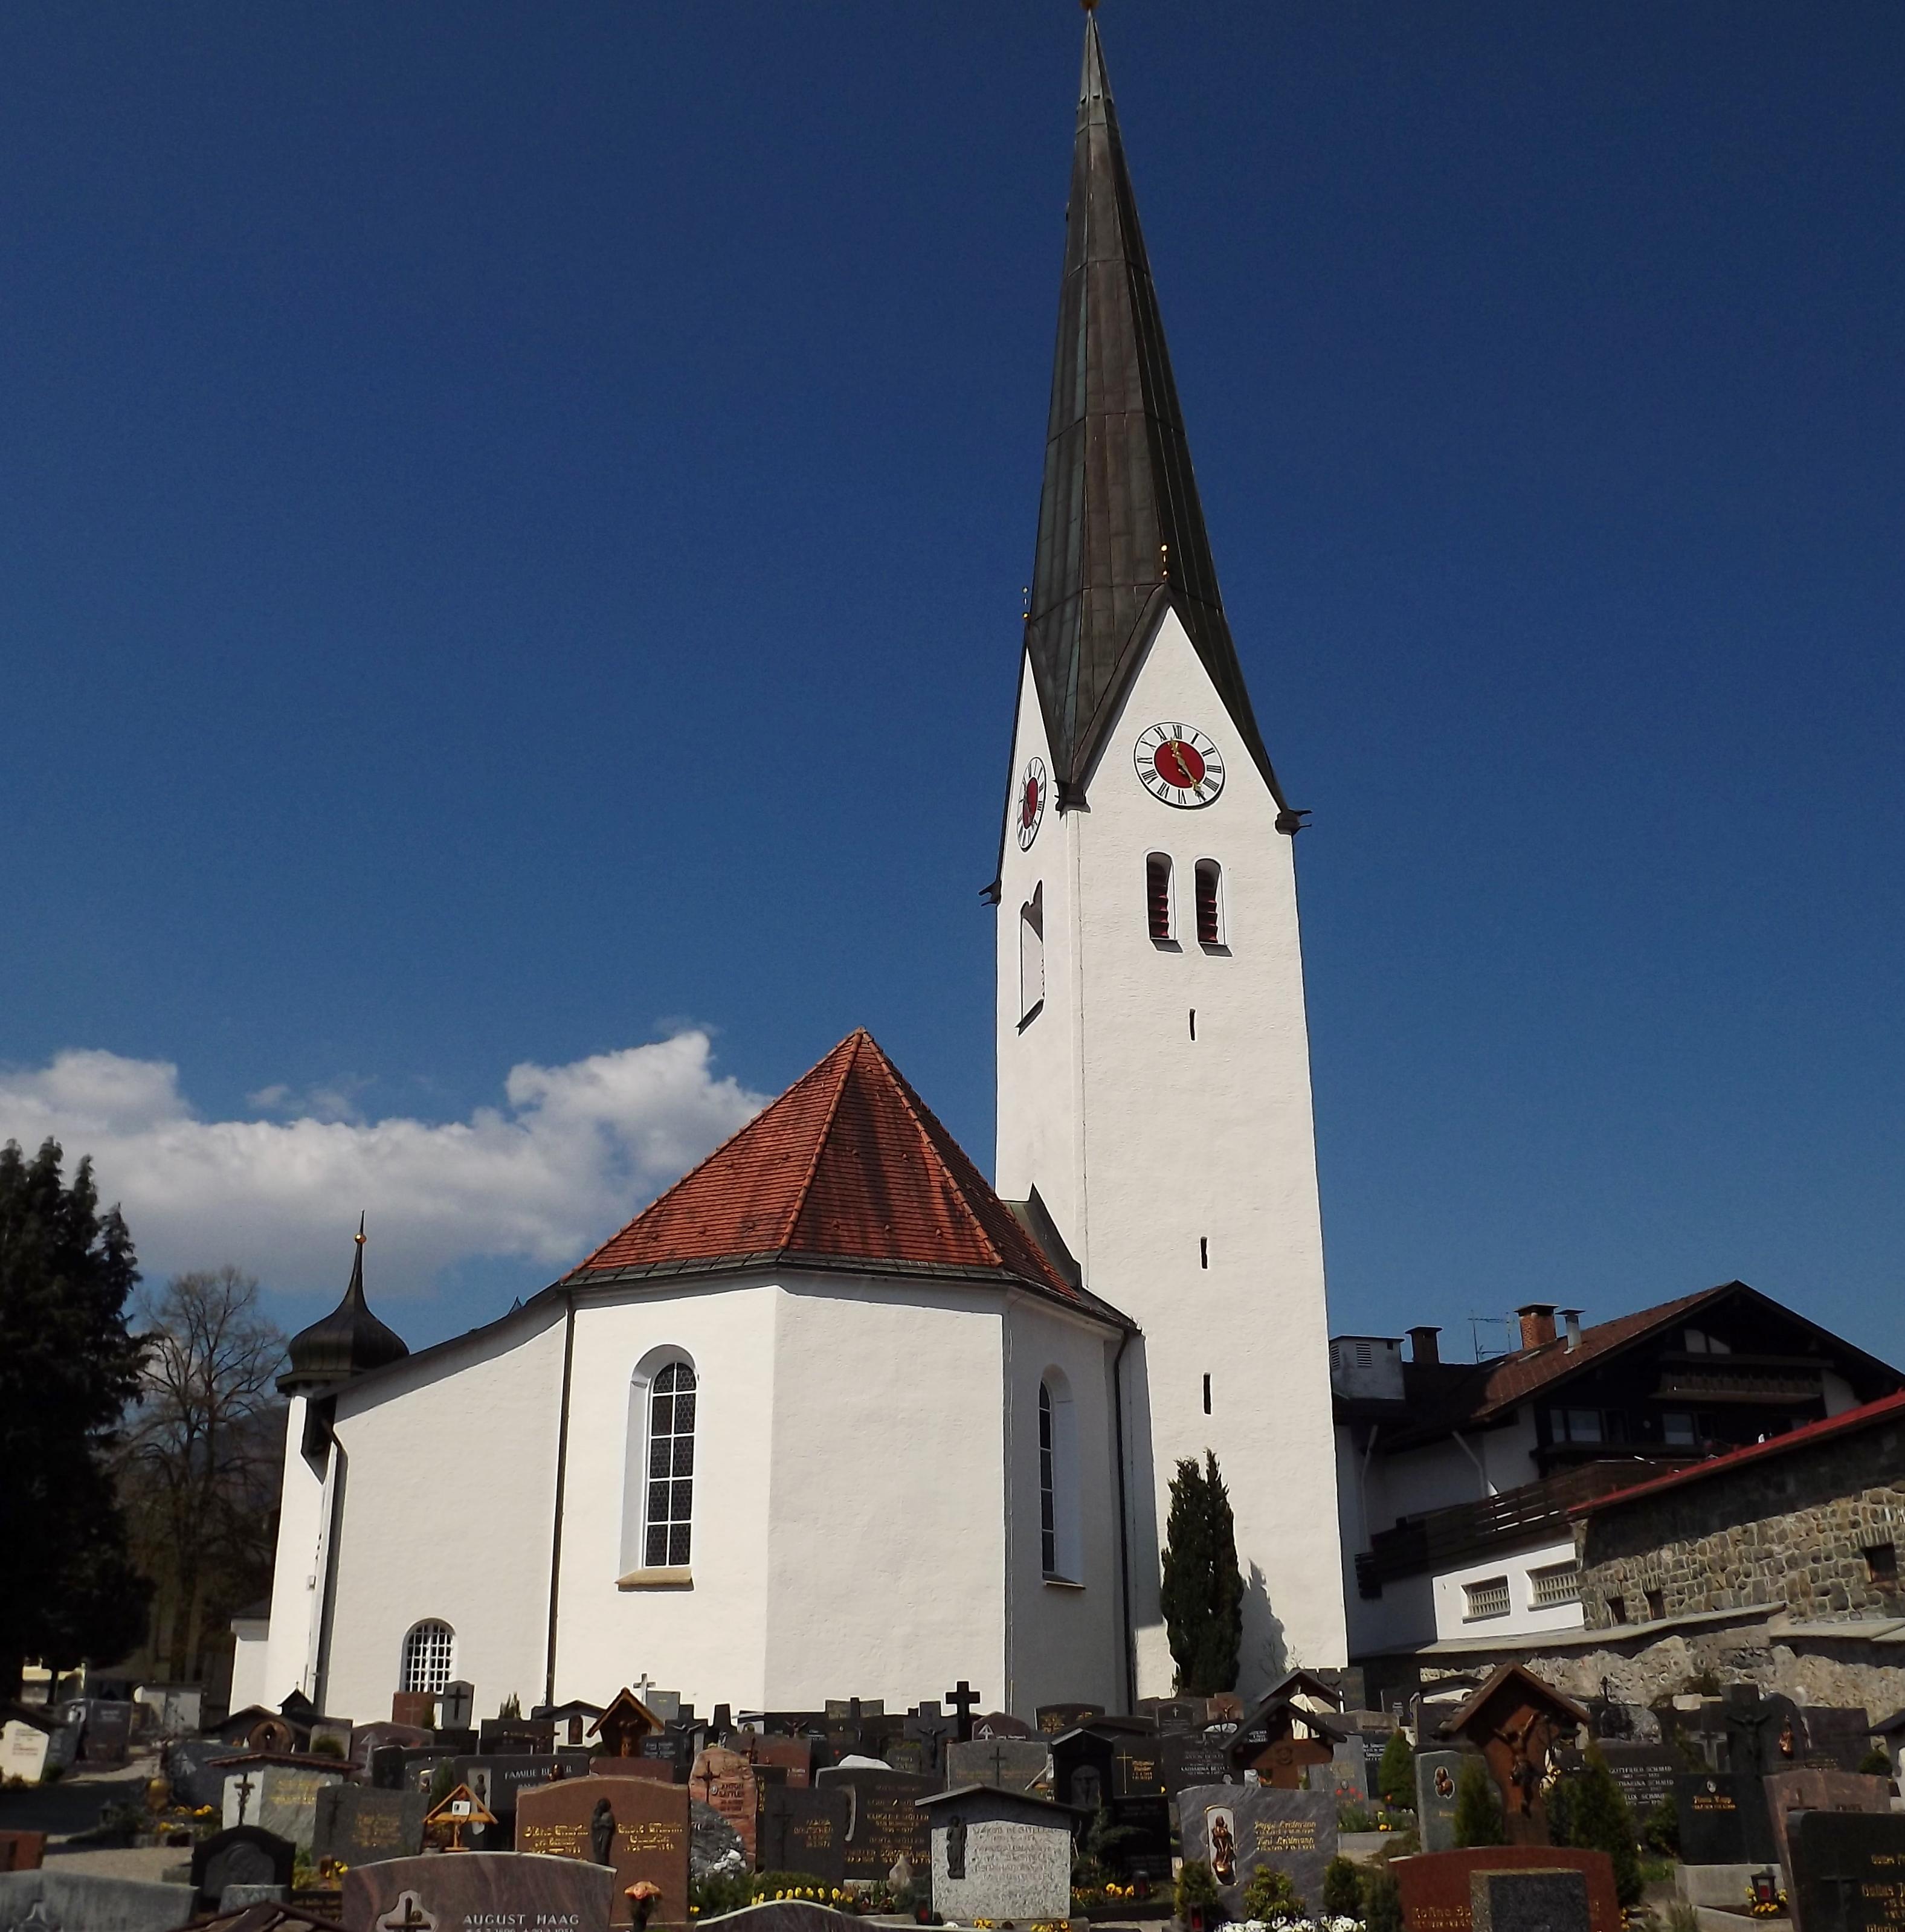 Fischen I Allgäu: St. Verena Fischen I.Allgäu